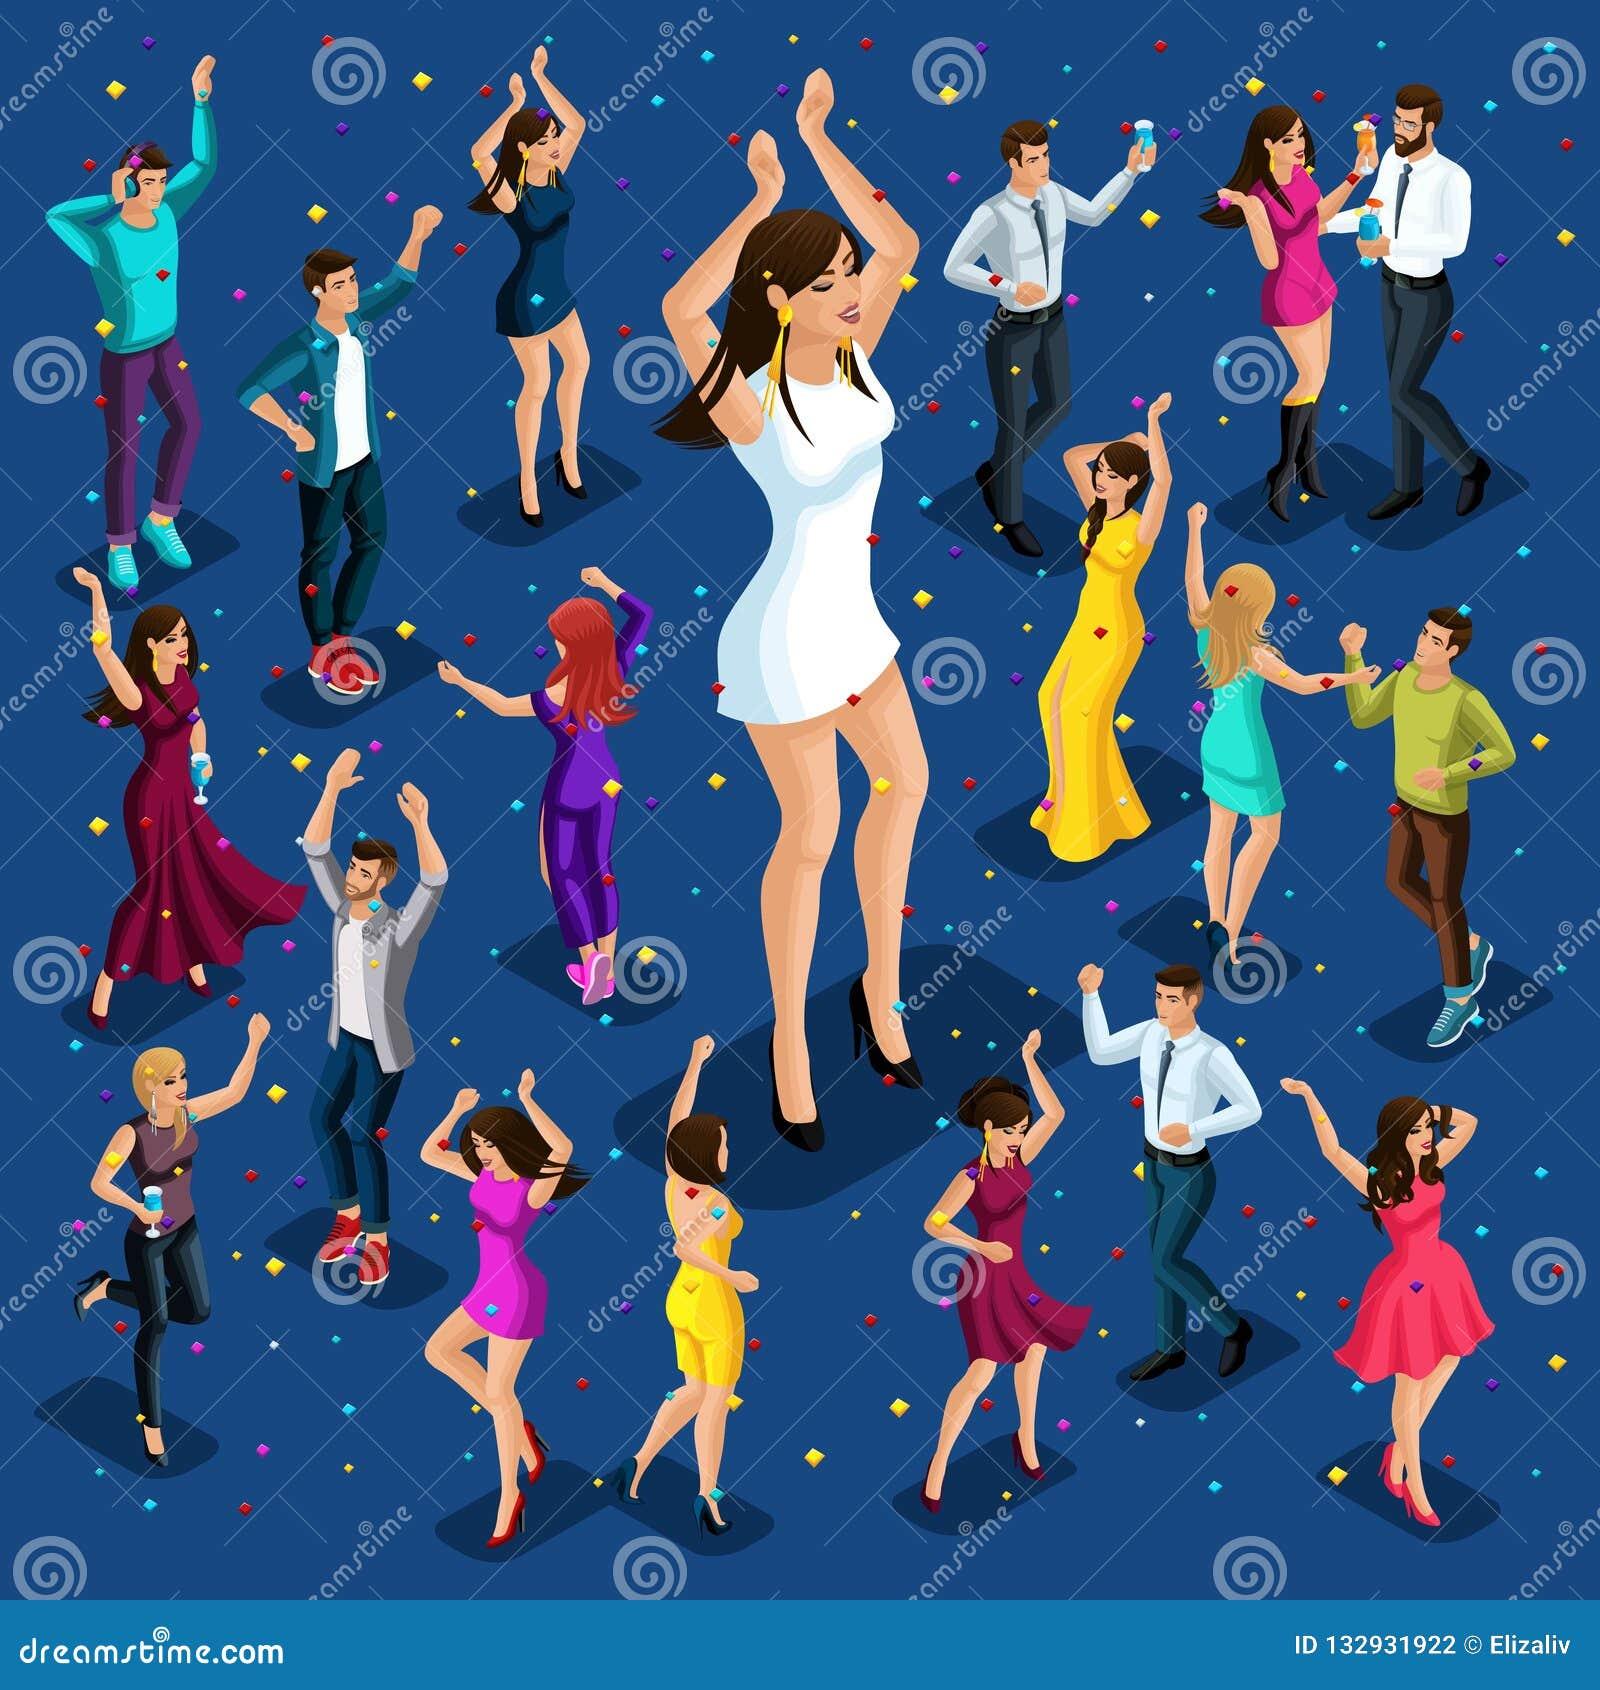 Den isometriska illustrationen av ferien, män och kvinnor har gyckel på ett parti i en nattklubb, firar och har gyckel, stora dan